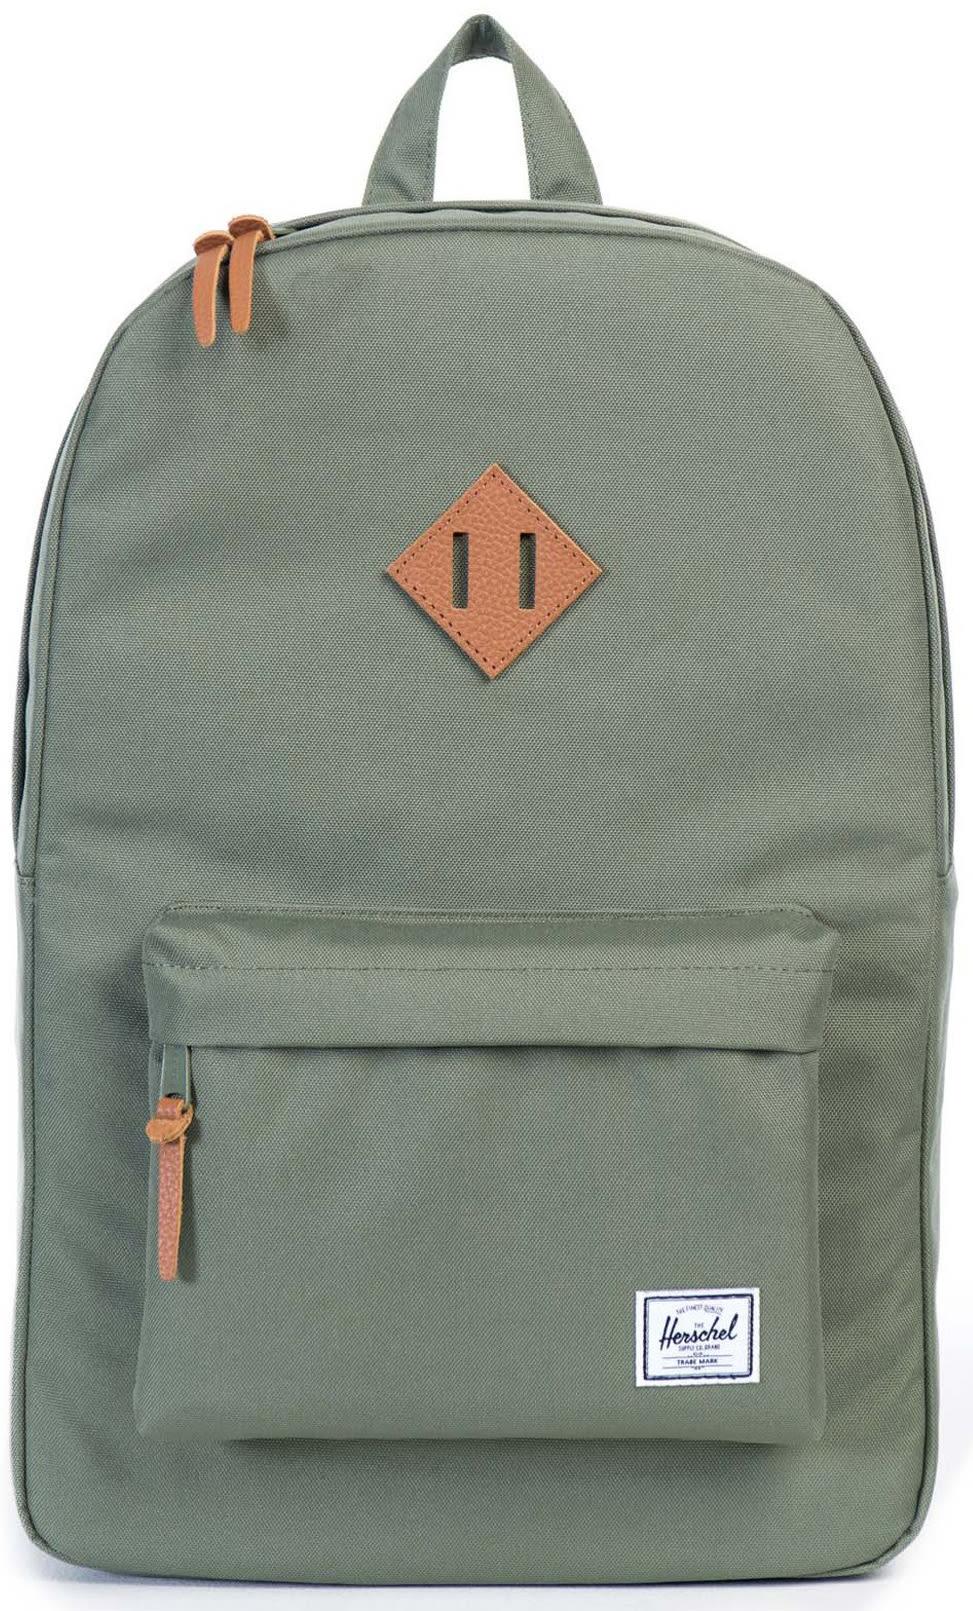 on sale herschel heritage backpack up to 40 off. Black Bedroom Furniture Sets. Home Design Ideas